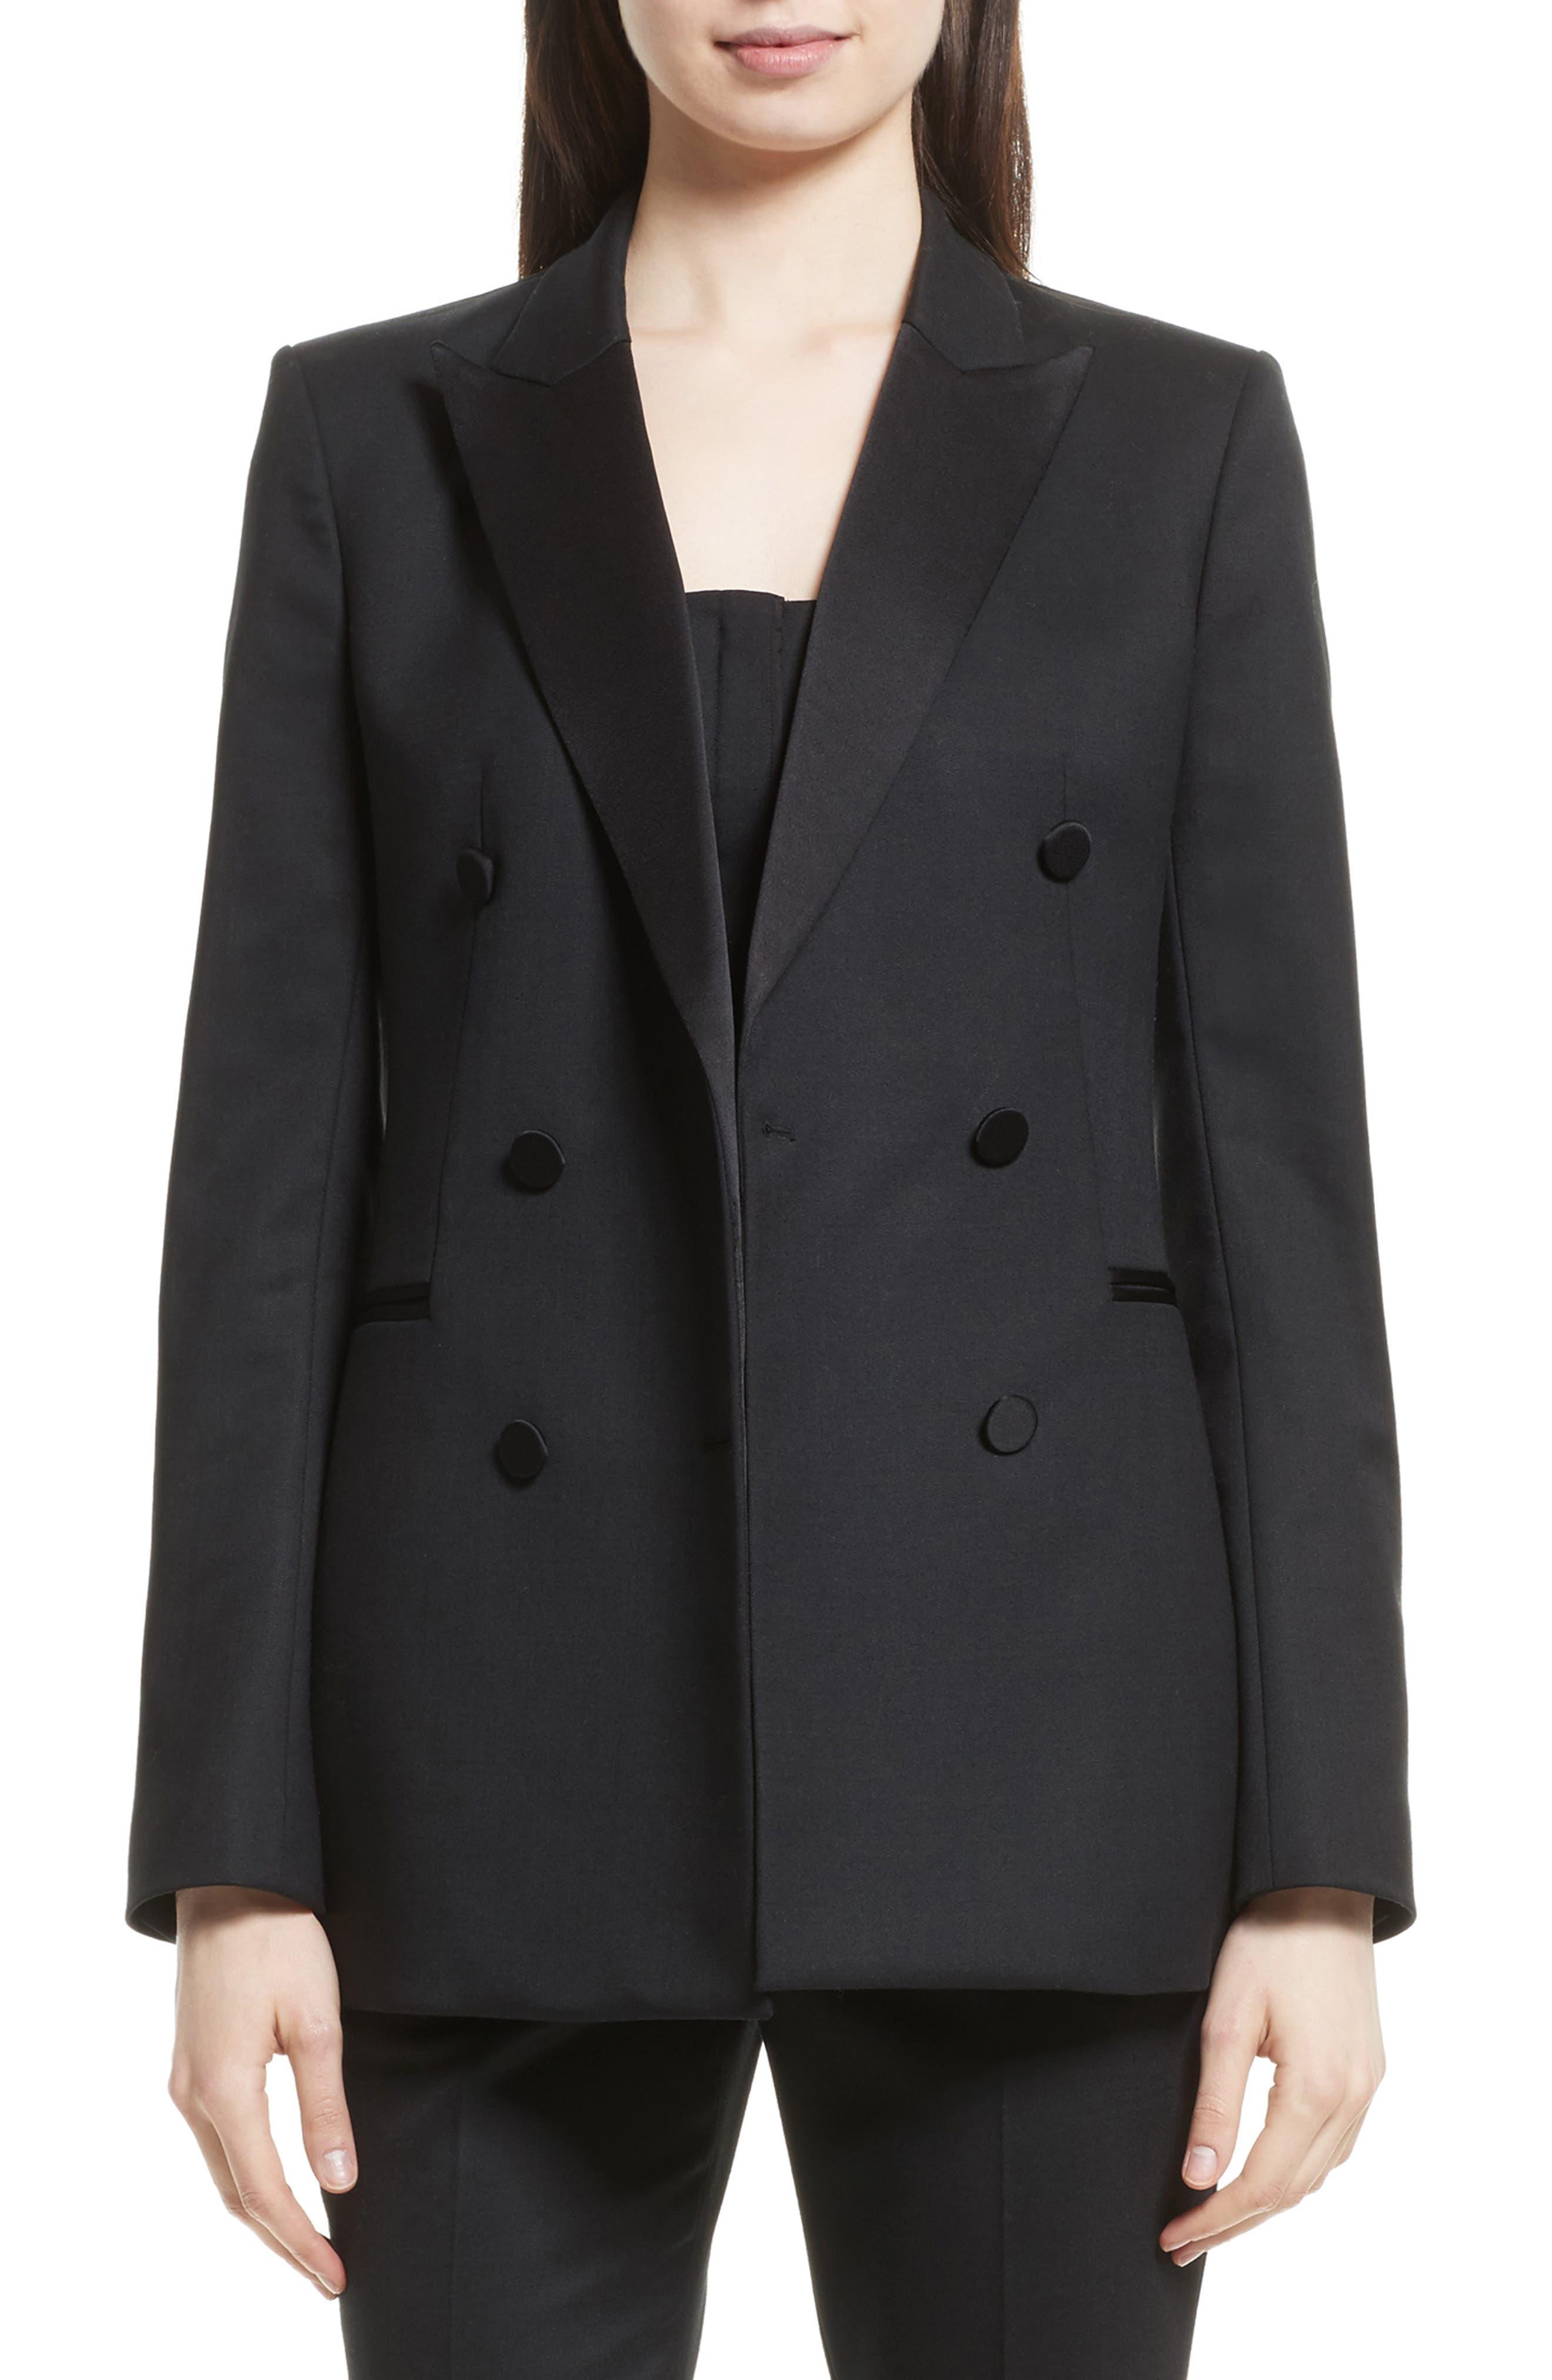 Wool Blend Tuxedo Jacket,                             Main thumbnail 1, color,                             001